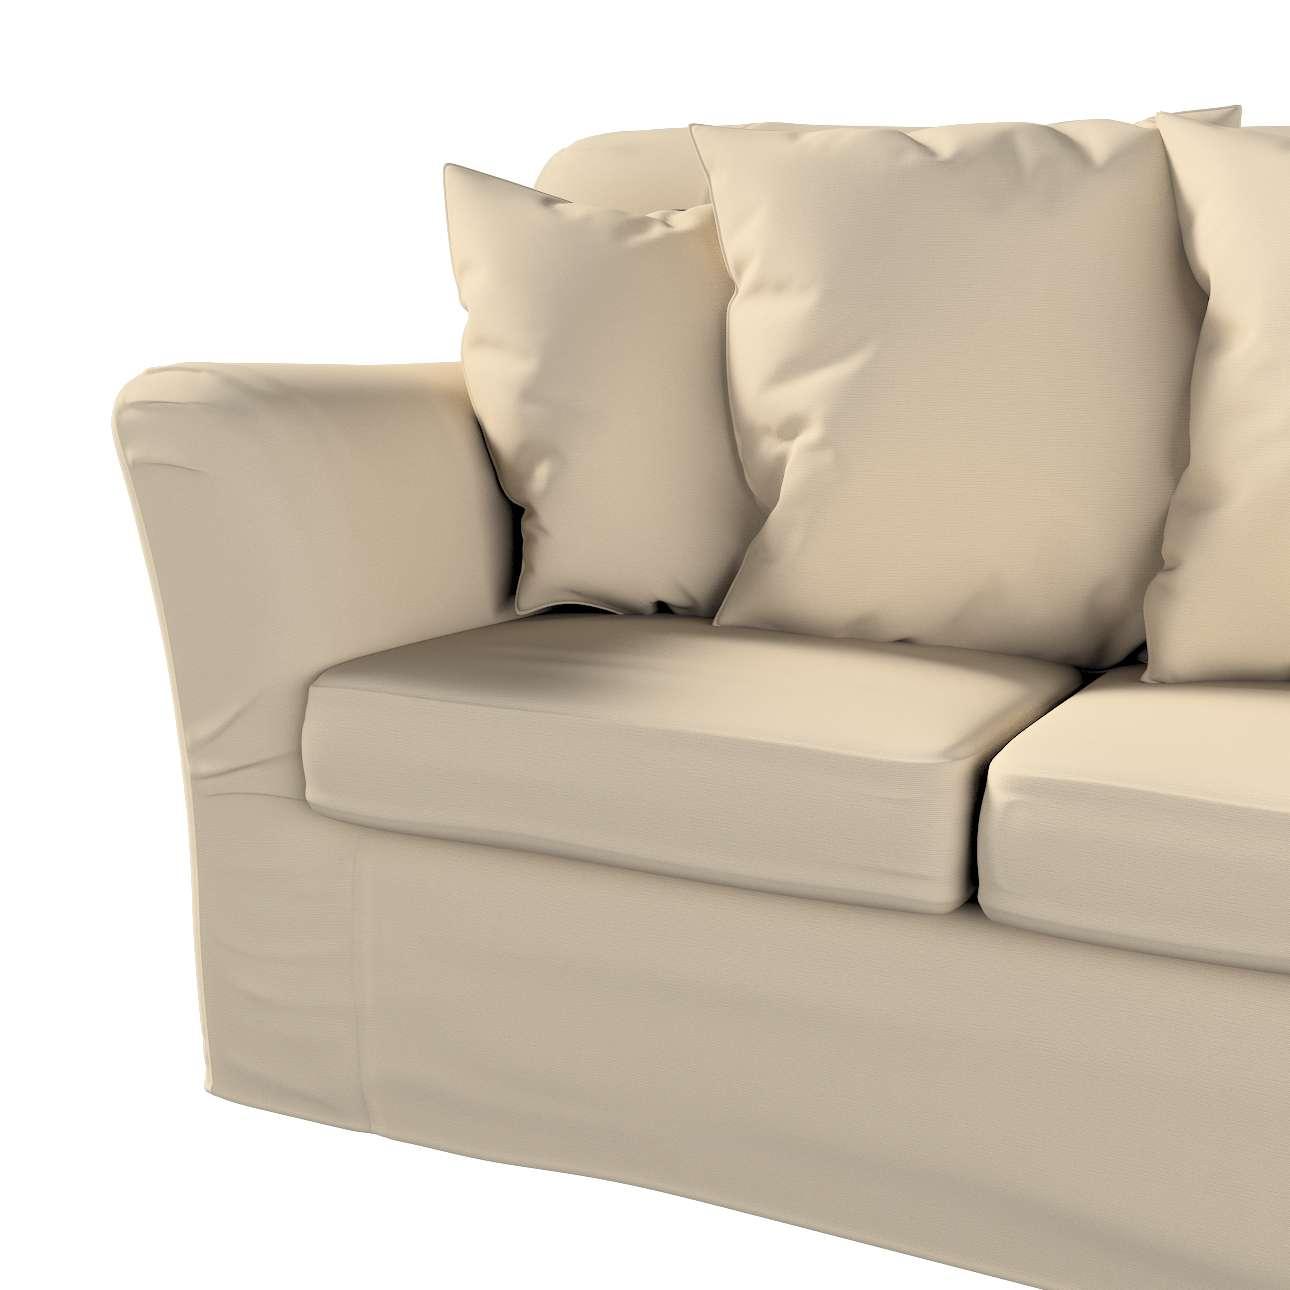 Pokrowiec na sofę Tomelilla 3-osobową nierozkładaną w kolekcji Cotton Panama, tkanina: 702-01